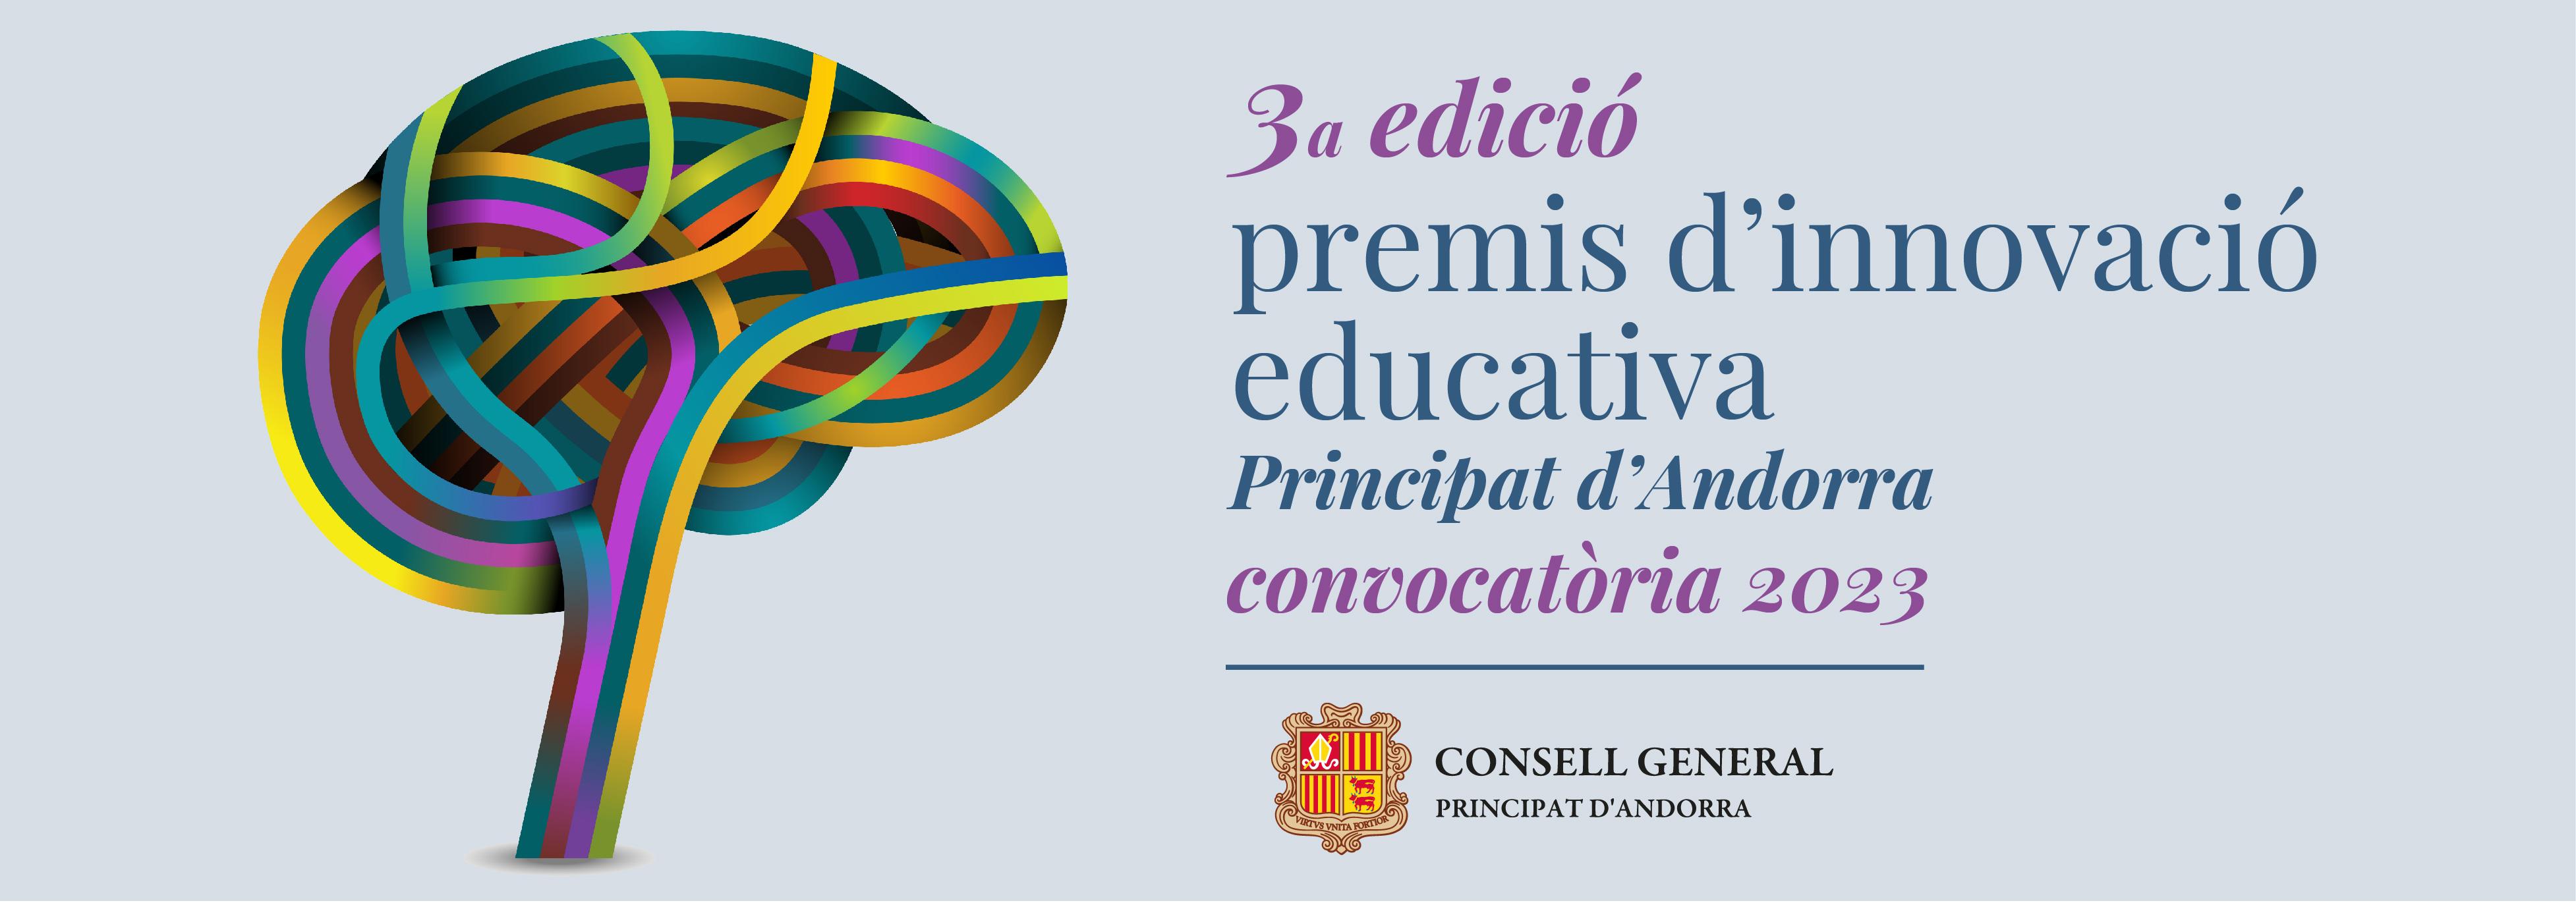 Segona edició dels premis d'innovació educativa Principat d'Andorra